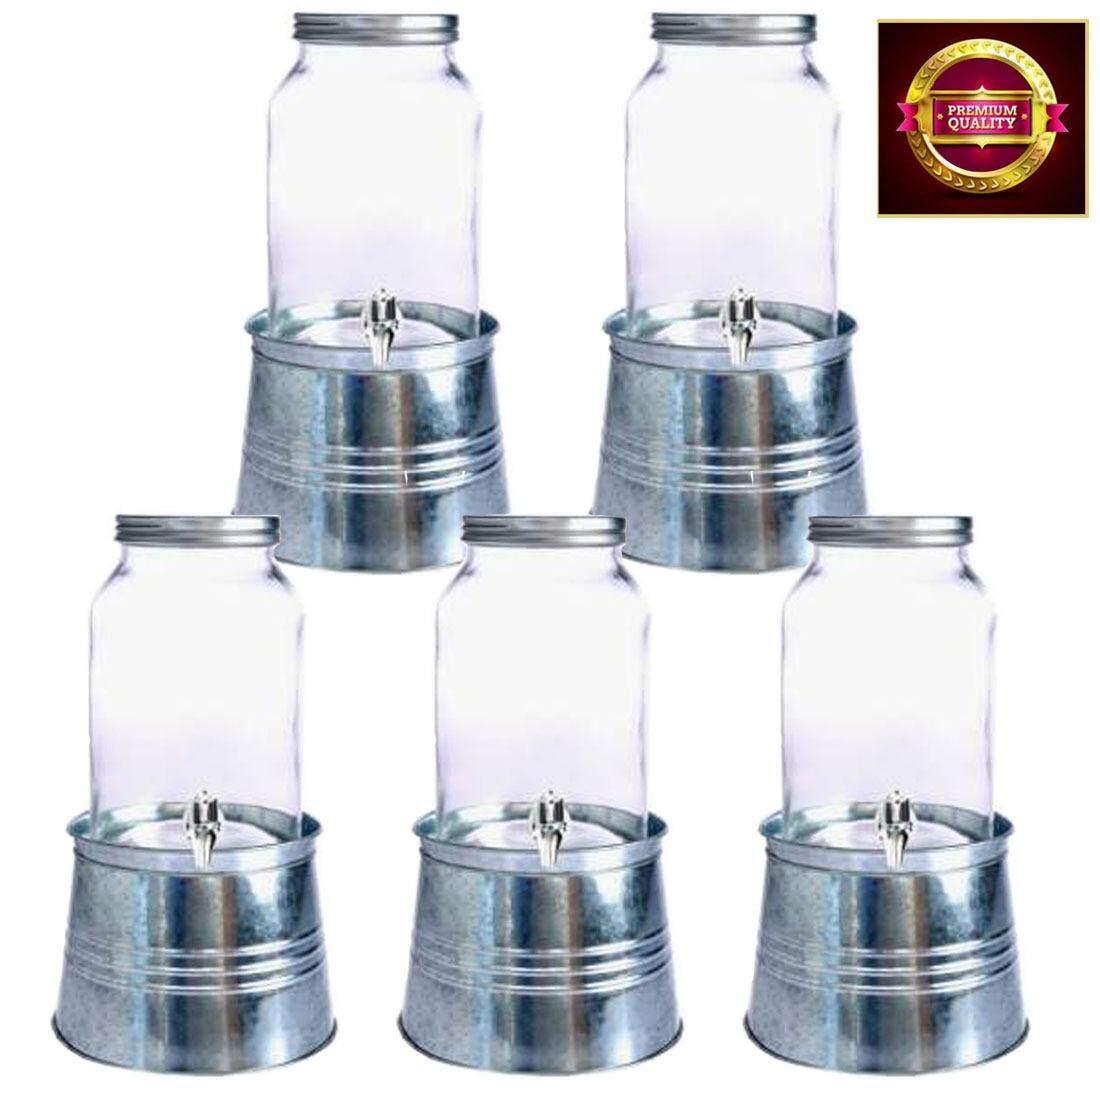 โหลแก้วมีก๊อกพร้อมฐานรองกัลวาไนซ์,โหลแก้วคุณภาพดี ,โหลจ่ายน้ำ,โถจ่ายน้ำ  3.5 ลิตร  จำนวน 5 ชุด